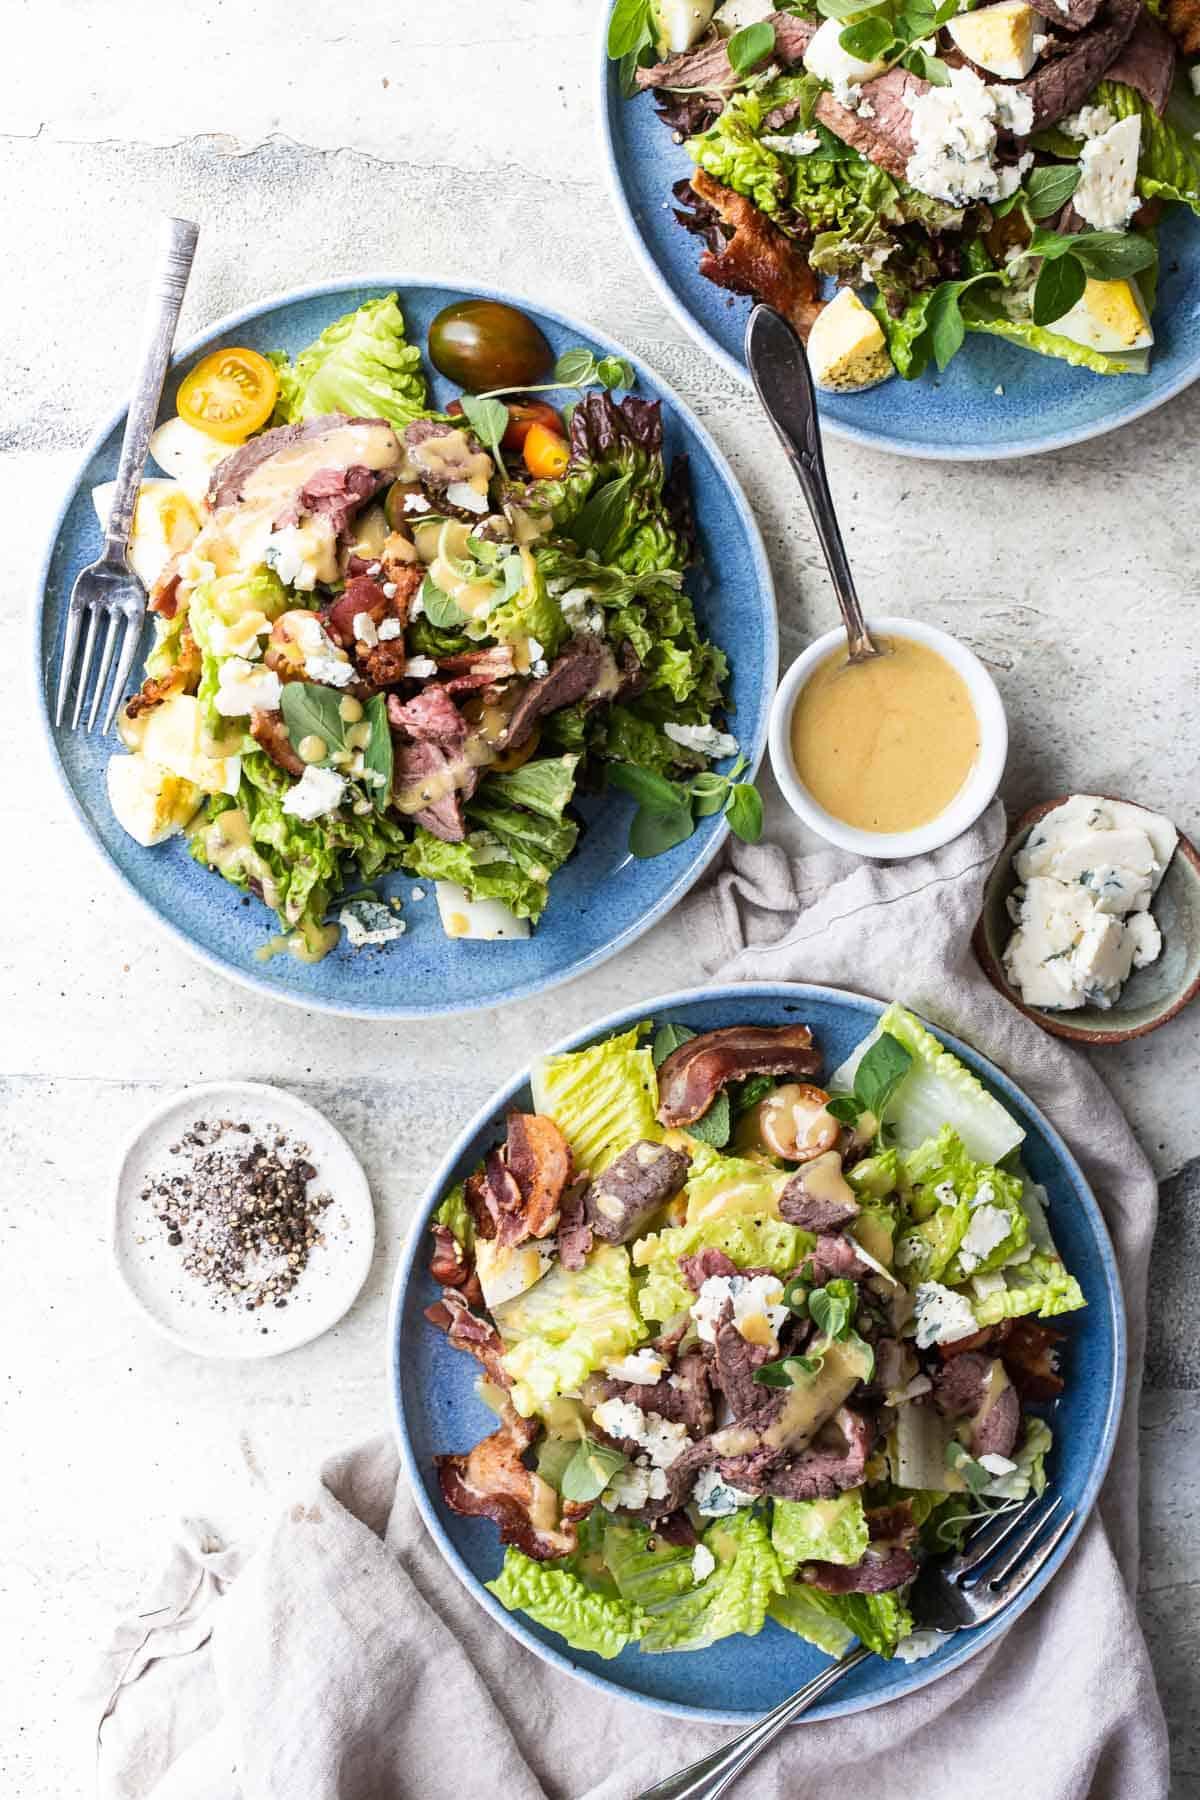 flank steak salad on plates